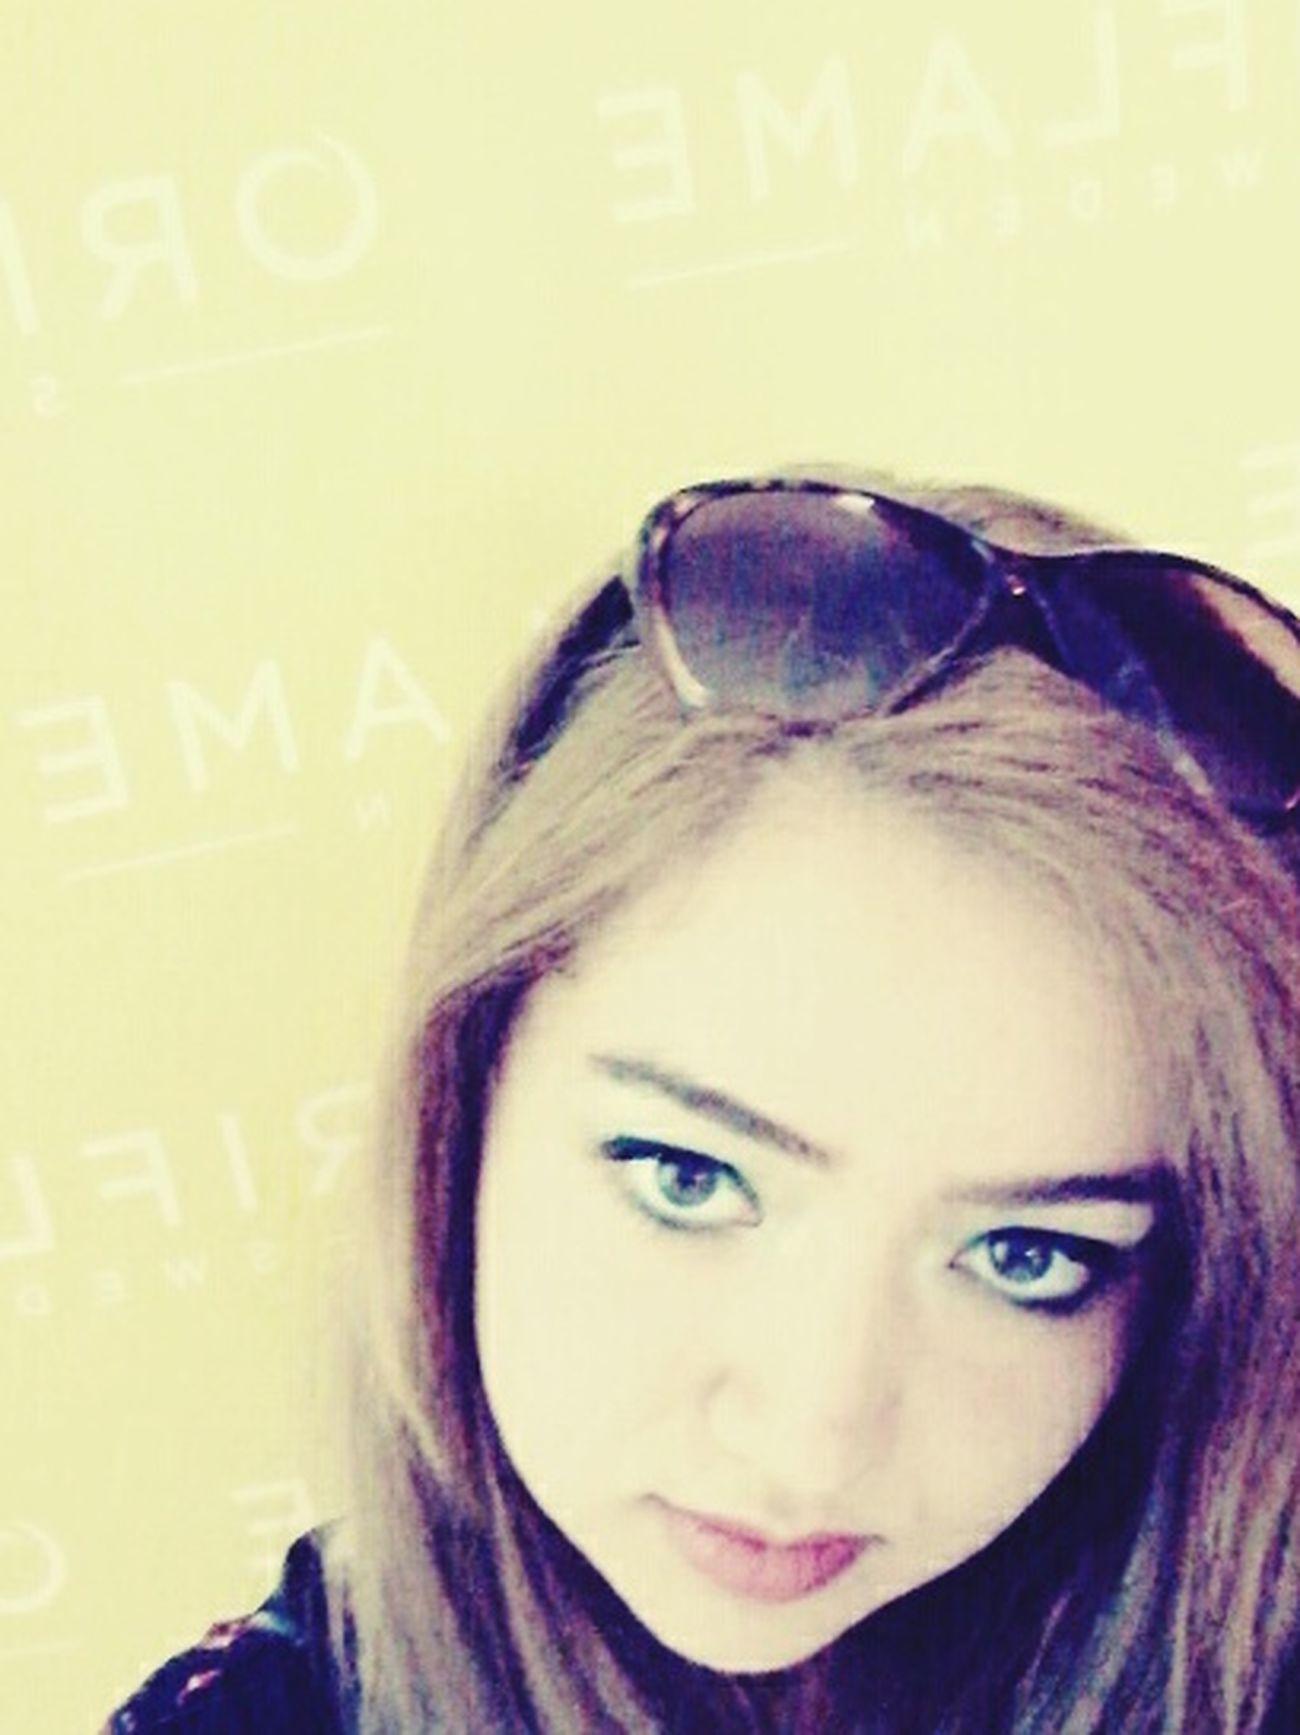 Oriflame Sevgi Bakirkoy Bağcılar People ıstanbul Beykoz Beauty Kendicekimim Aşk♥